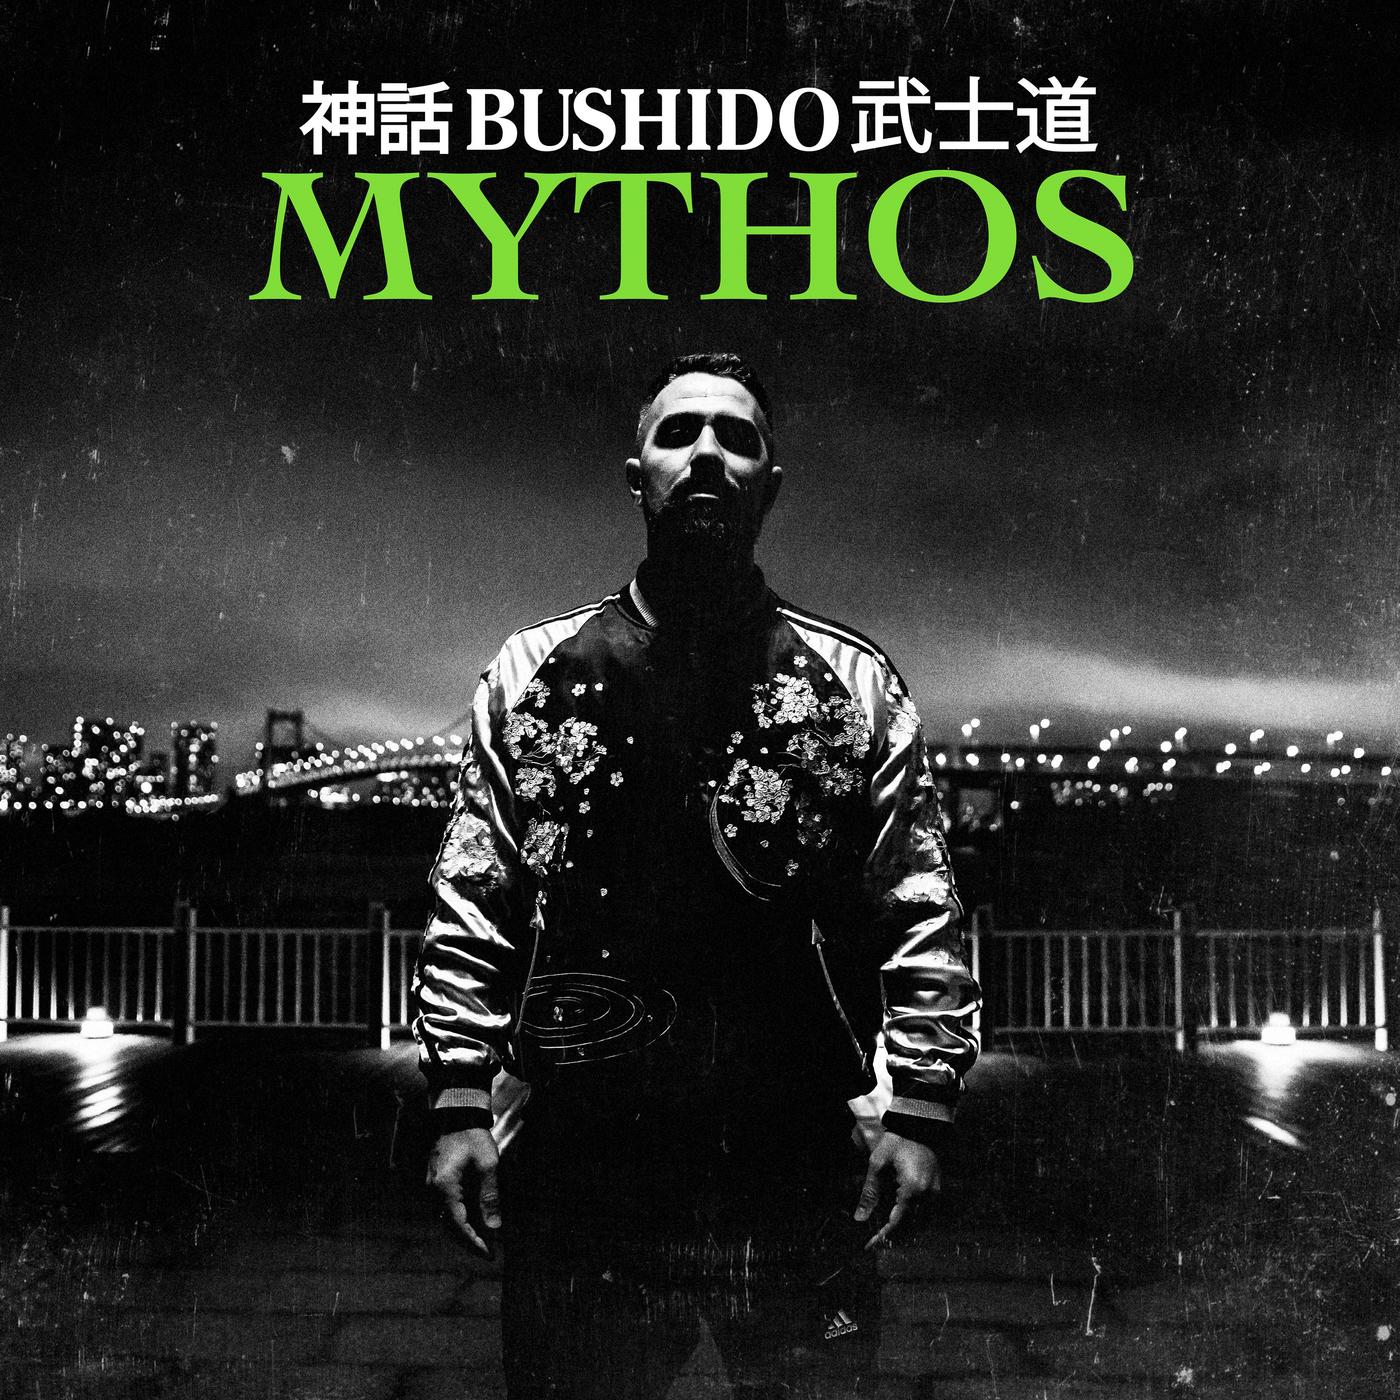 Mythos - Bushido